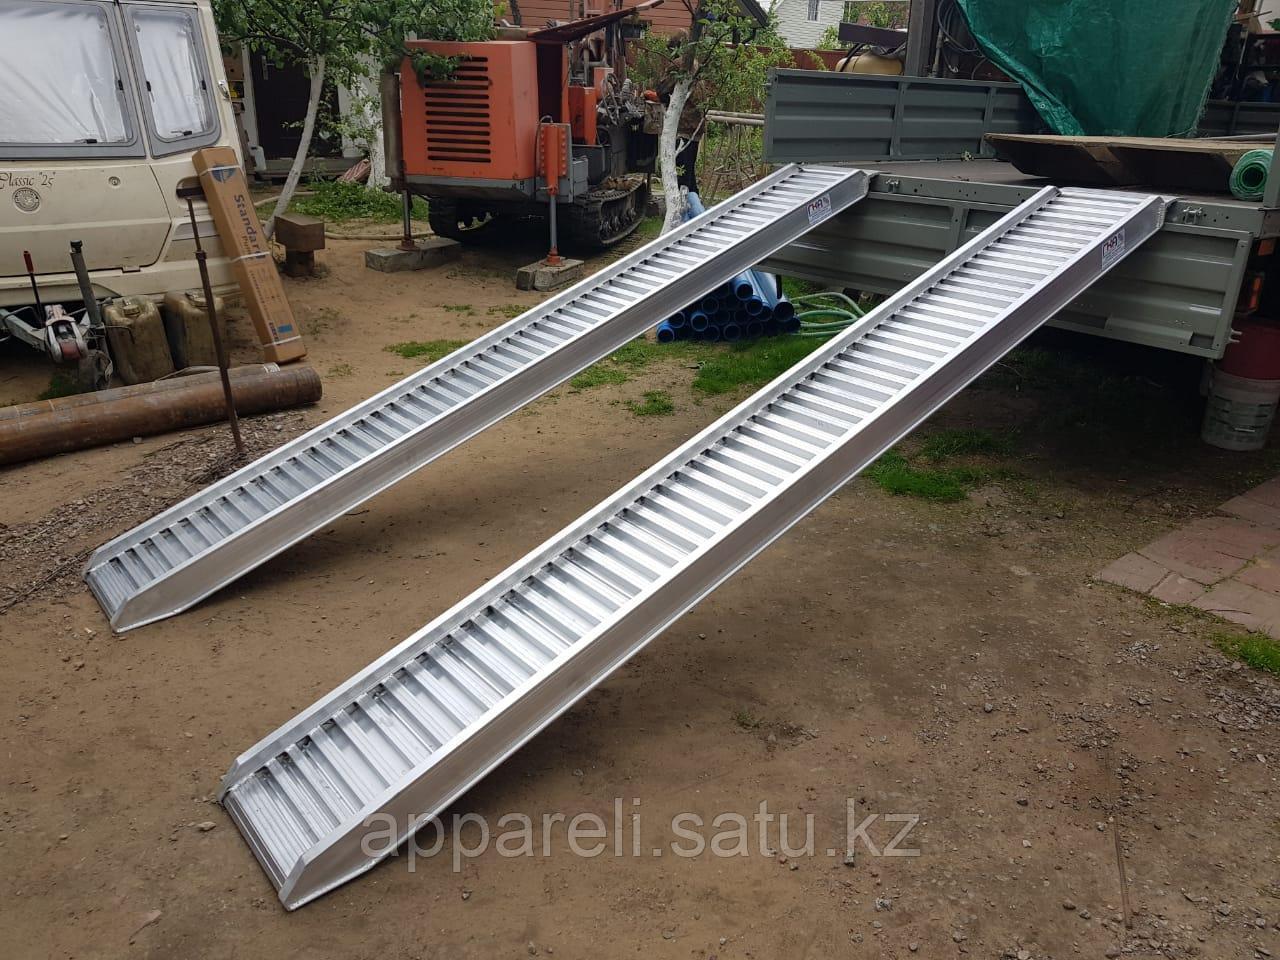 Алюминиевые аппарели 5,2 тонны, 3 метра от производителя